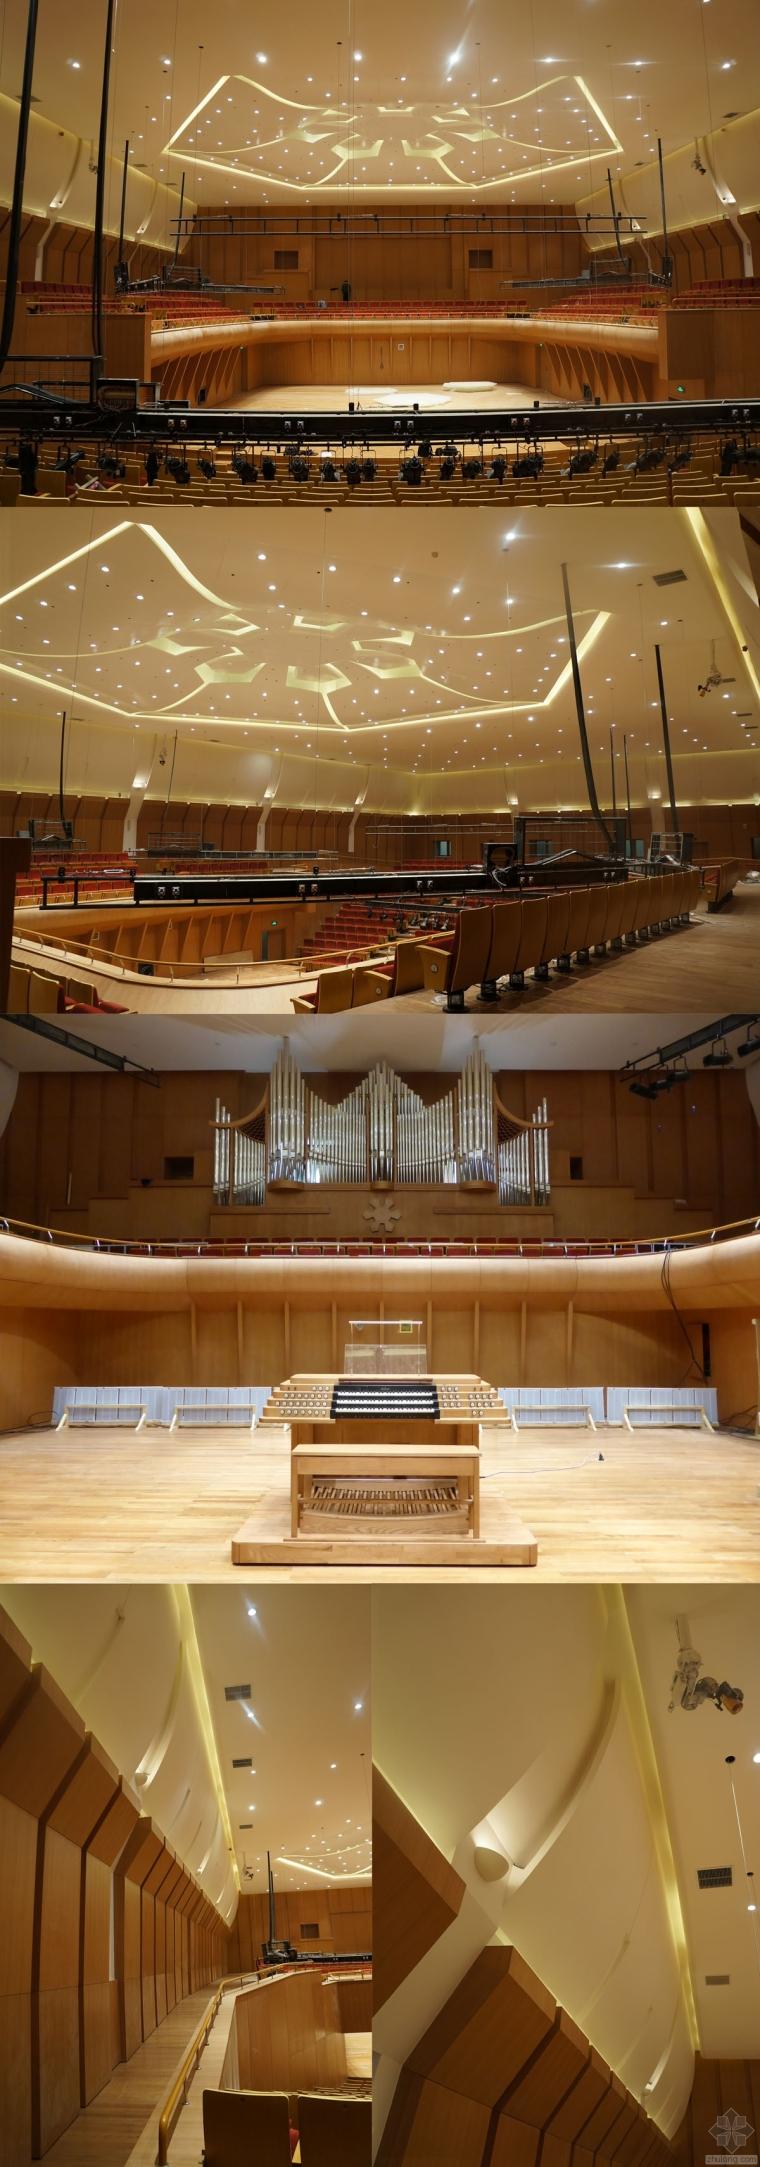 分享点近期作品,牡丹江音乐厅室内设计,照片拍的不好欢迎拍砖。